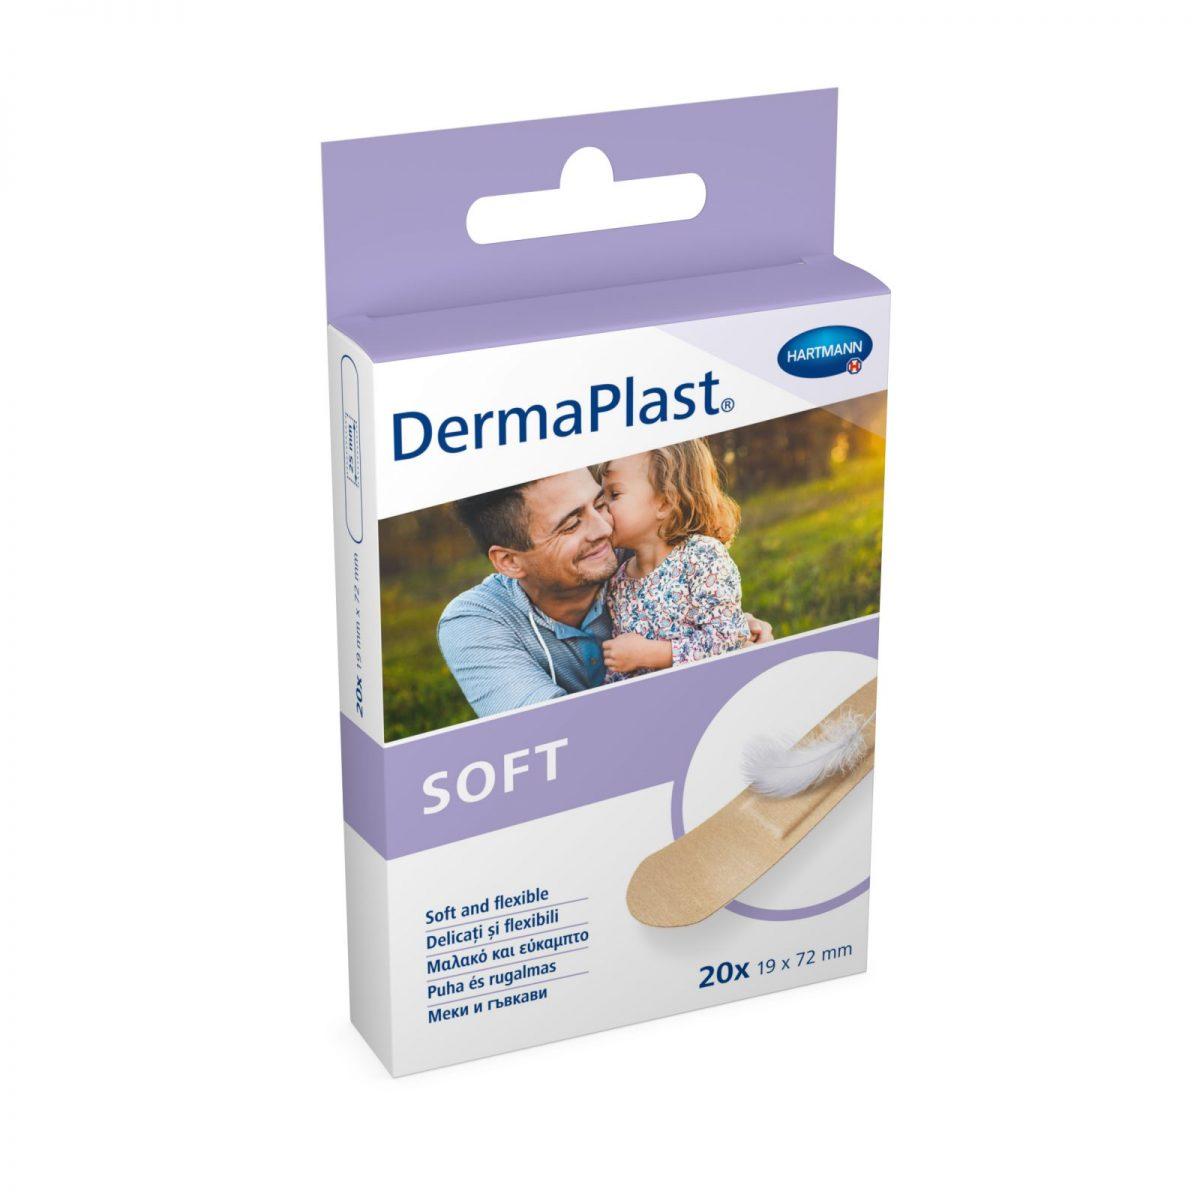 DermaPlast Soft